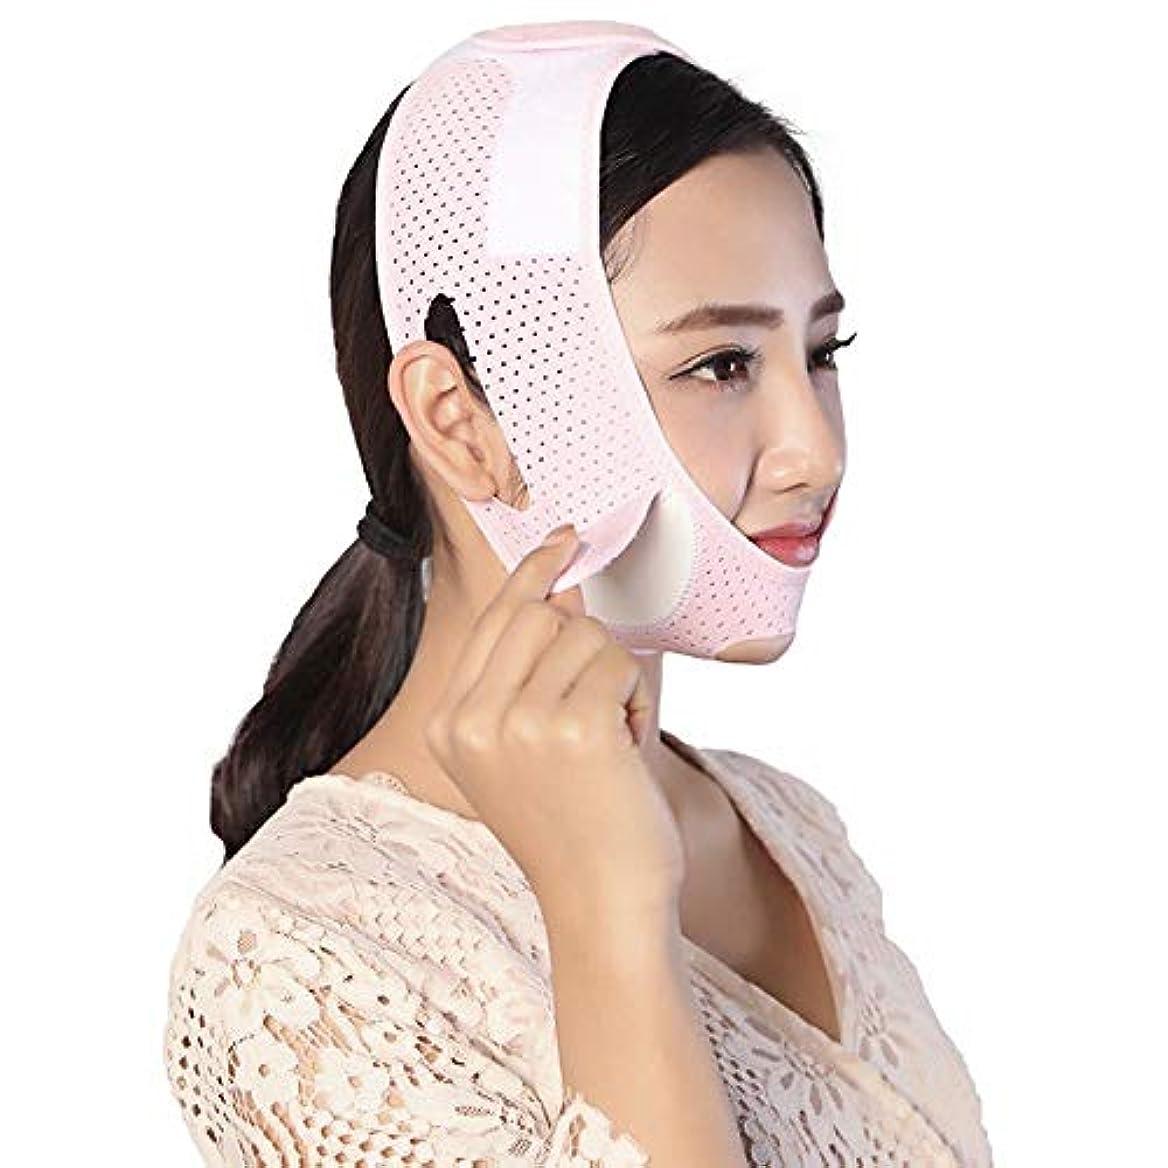 幸運なソース副産物Jia Jia- フェイシャルリフティング痩身ベルト - 圧縮二重あご減量ベルトスキンケア薄い顔包帯 顔面包帯